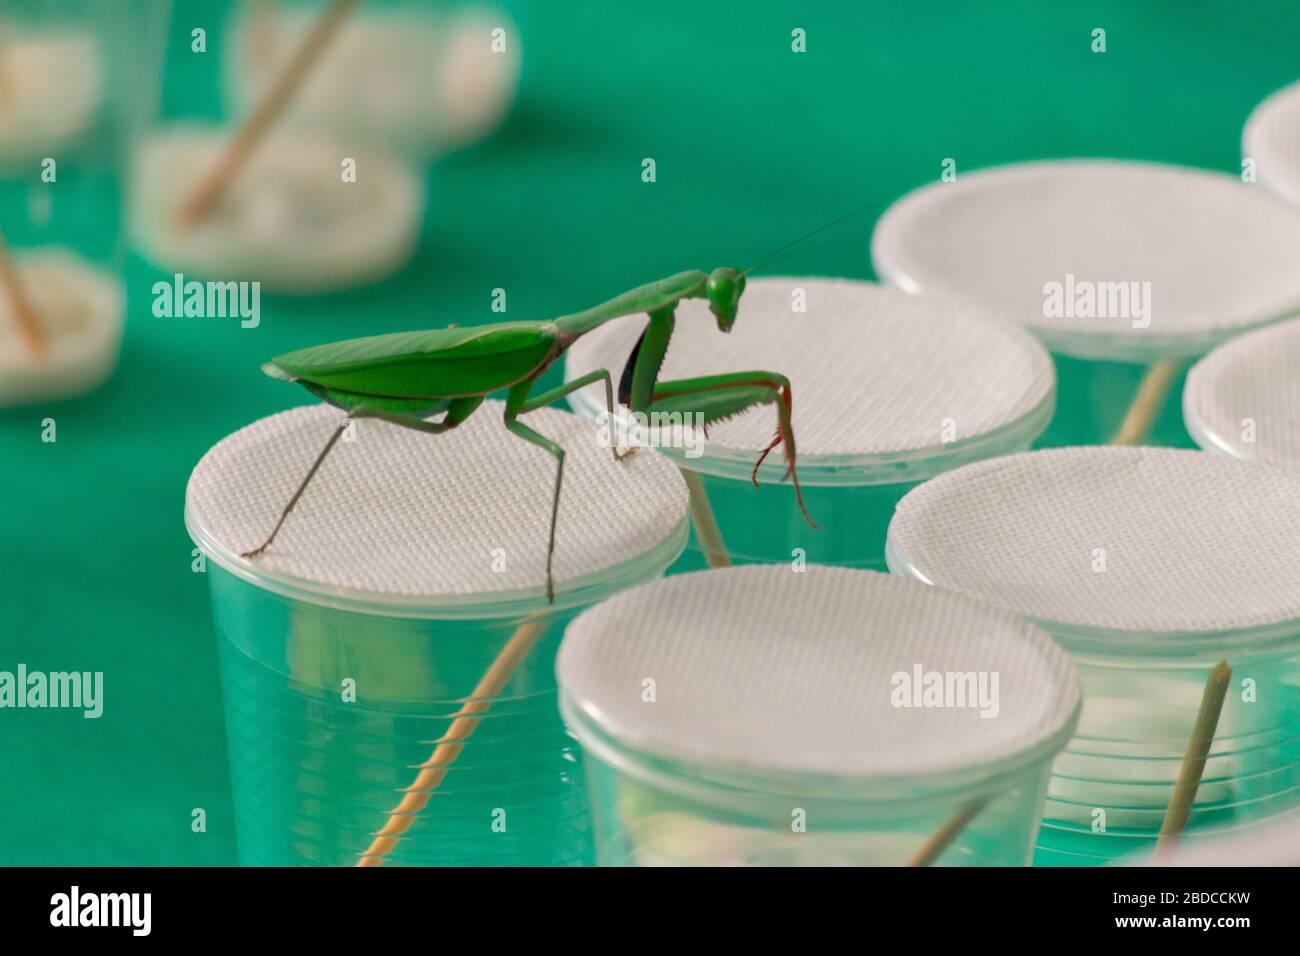 a praying mantis walking on glass jars Stock Photo